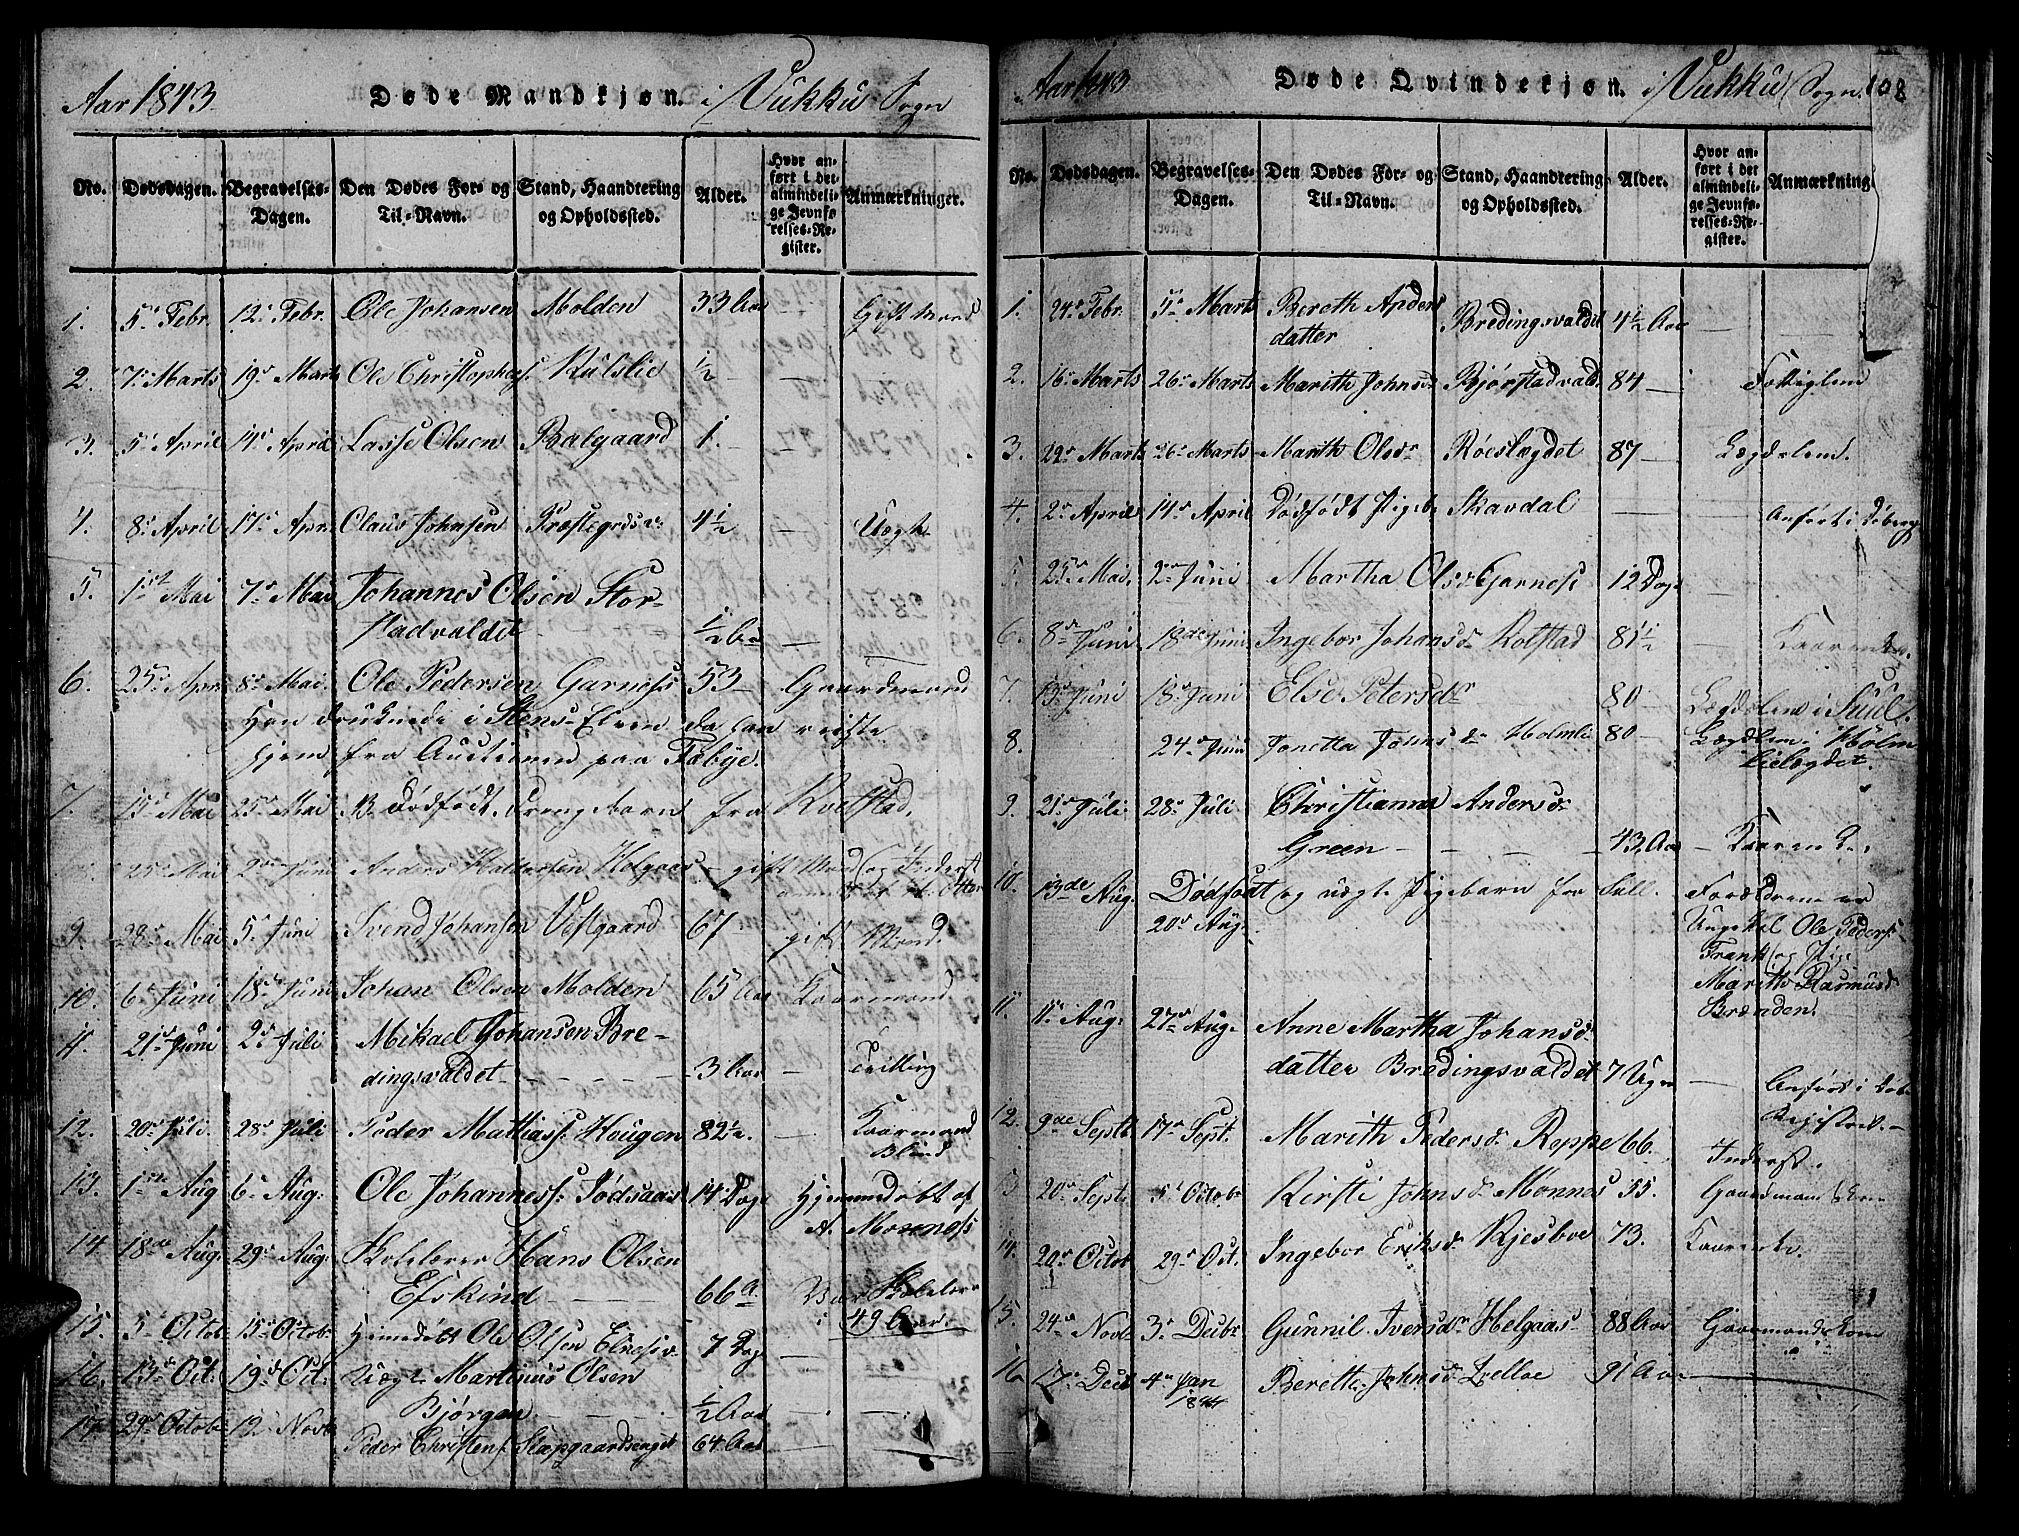 SAT, Ministerialprotokoller, klokkerbøker og fødselsregistre - Nord-Trøndelag, 723/L0251: Klokkerbok nr. 723C01 /2, 1843-1845, s. 108